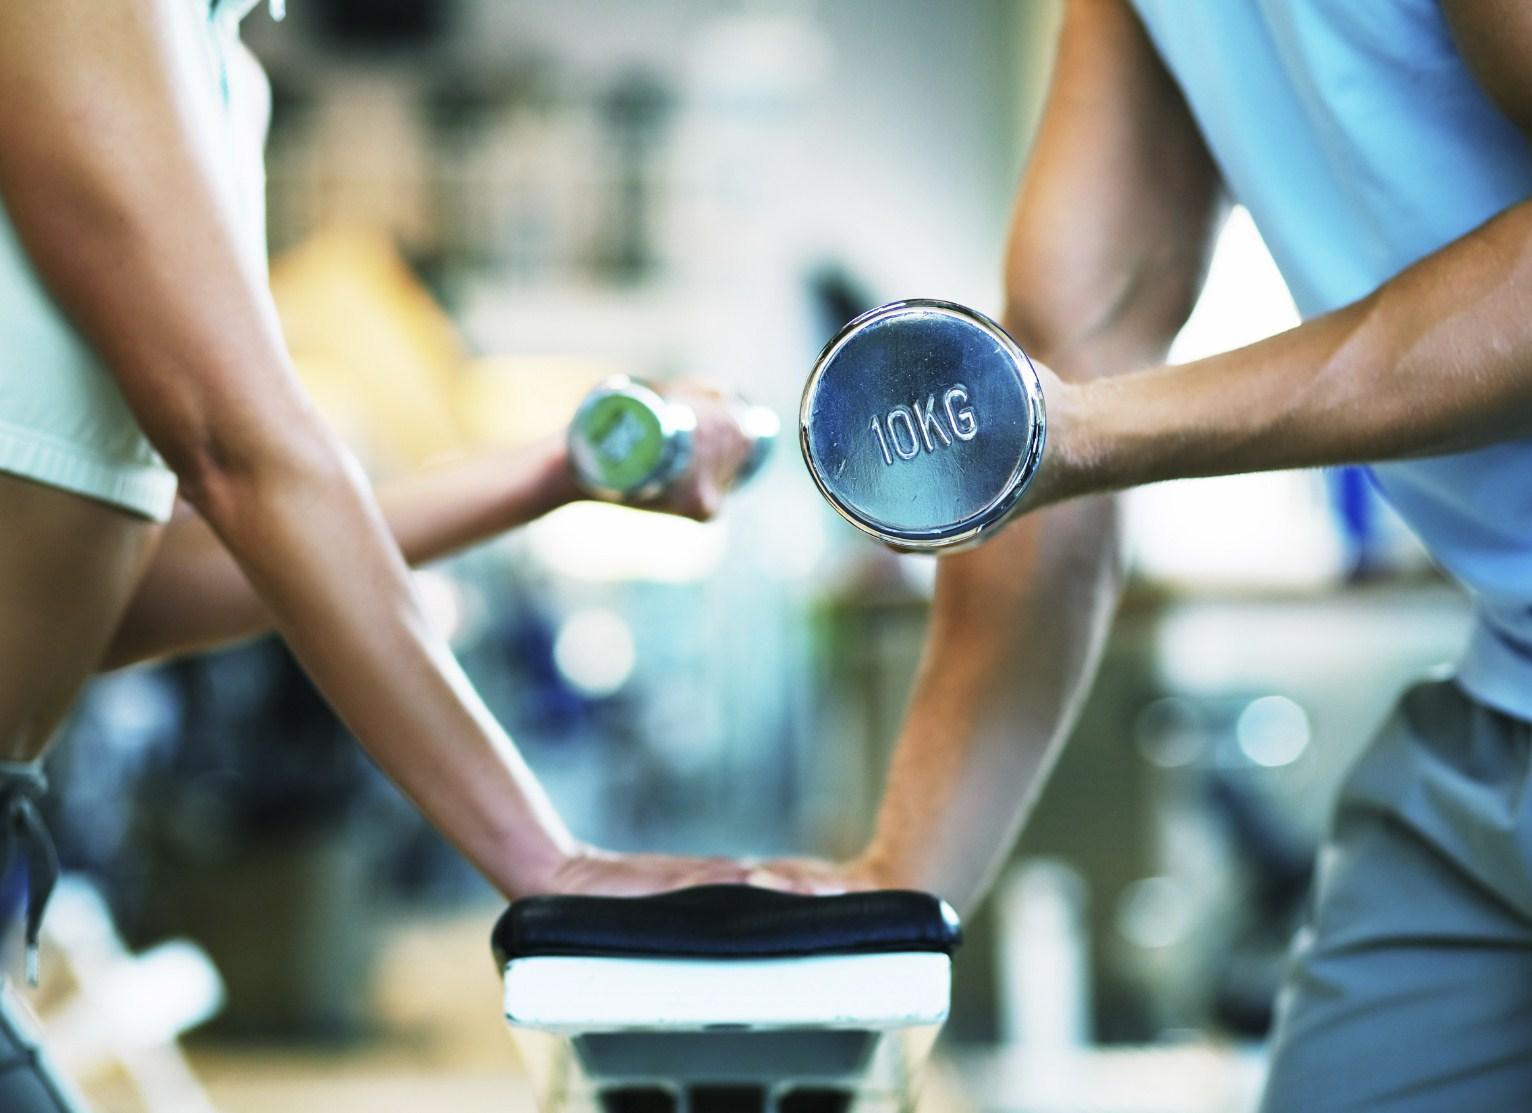 Saiba como perder peso com saúde para chegar em forma no verão